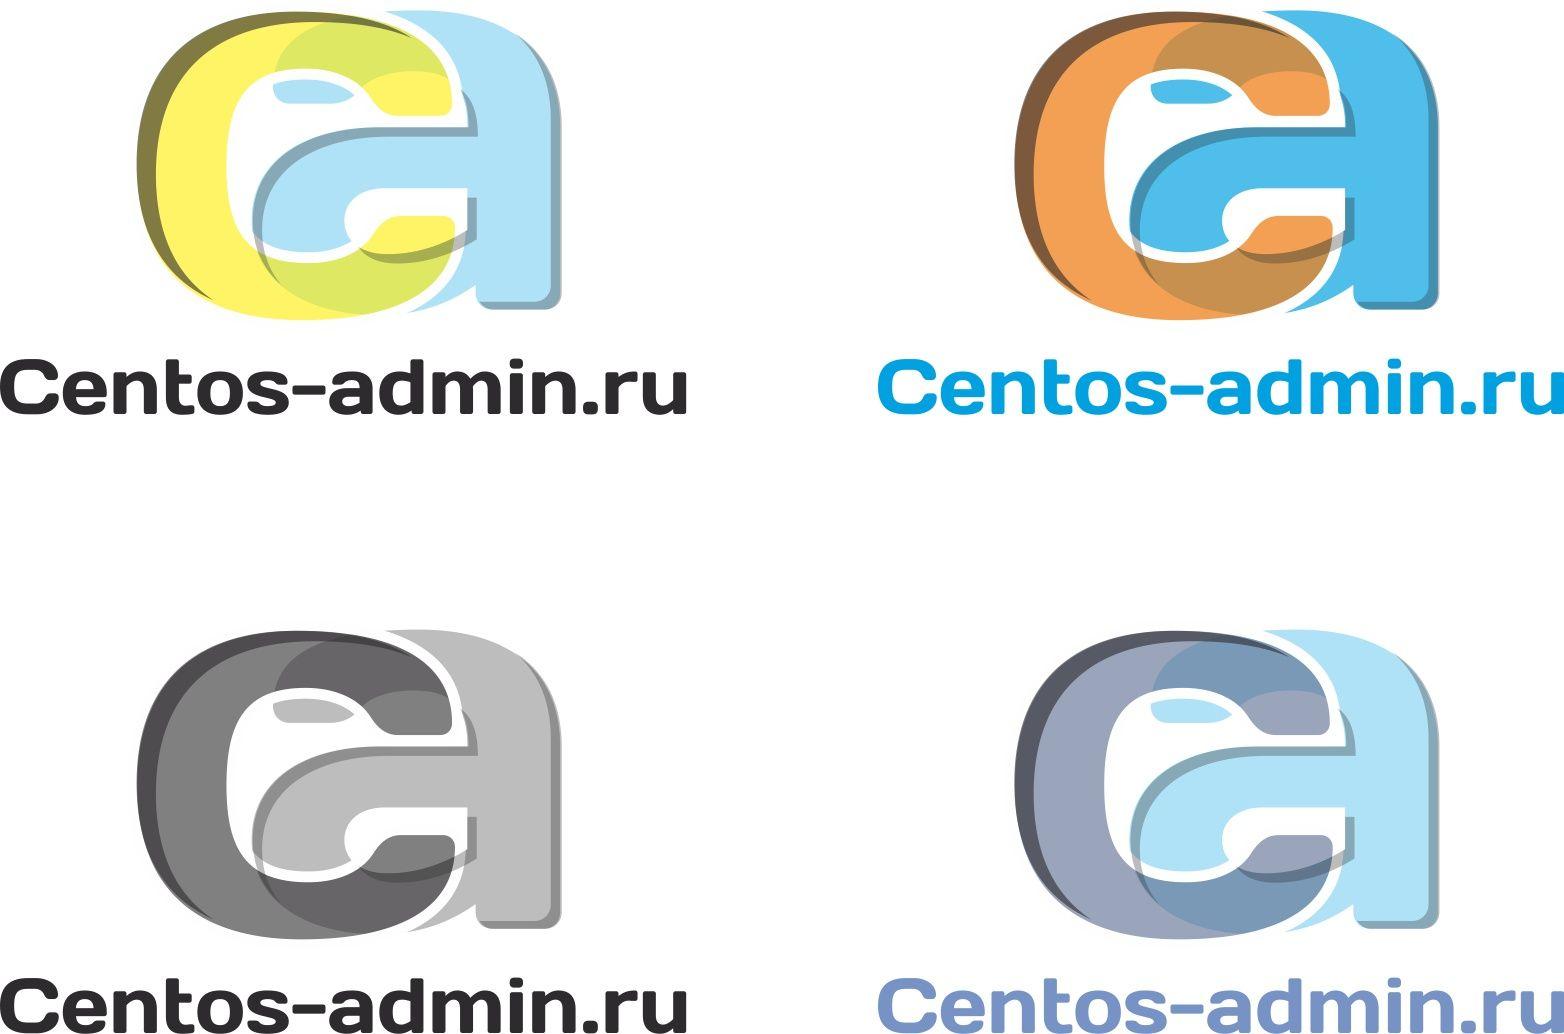 Логотип для компании Centos-admin.ru - дизайнер OlikaF